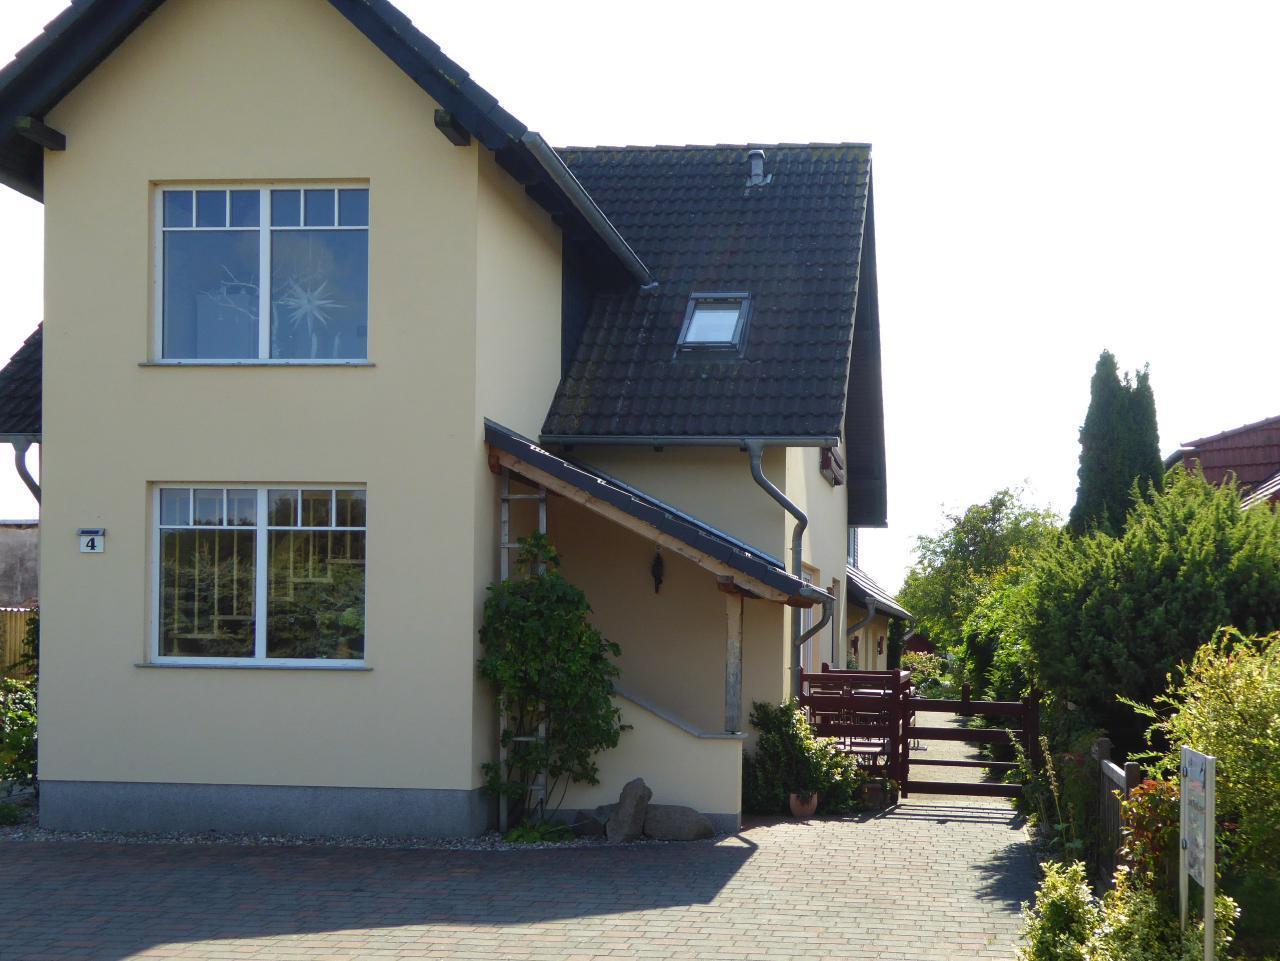 Ferienwohnung ROSE (409155), Zempin, Usedom, Mecklenburg-Vorpommern, Deutschland, Bild 1